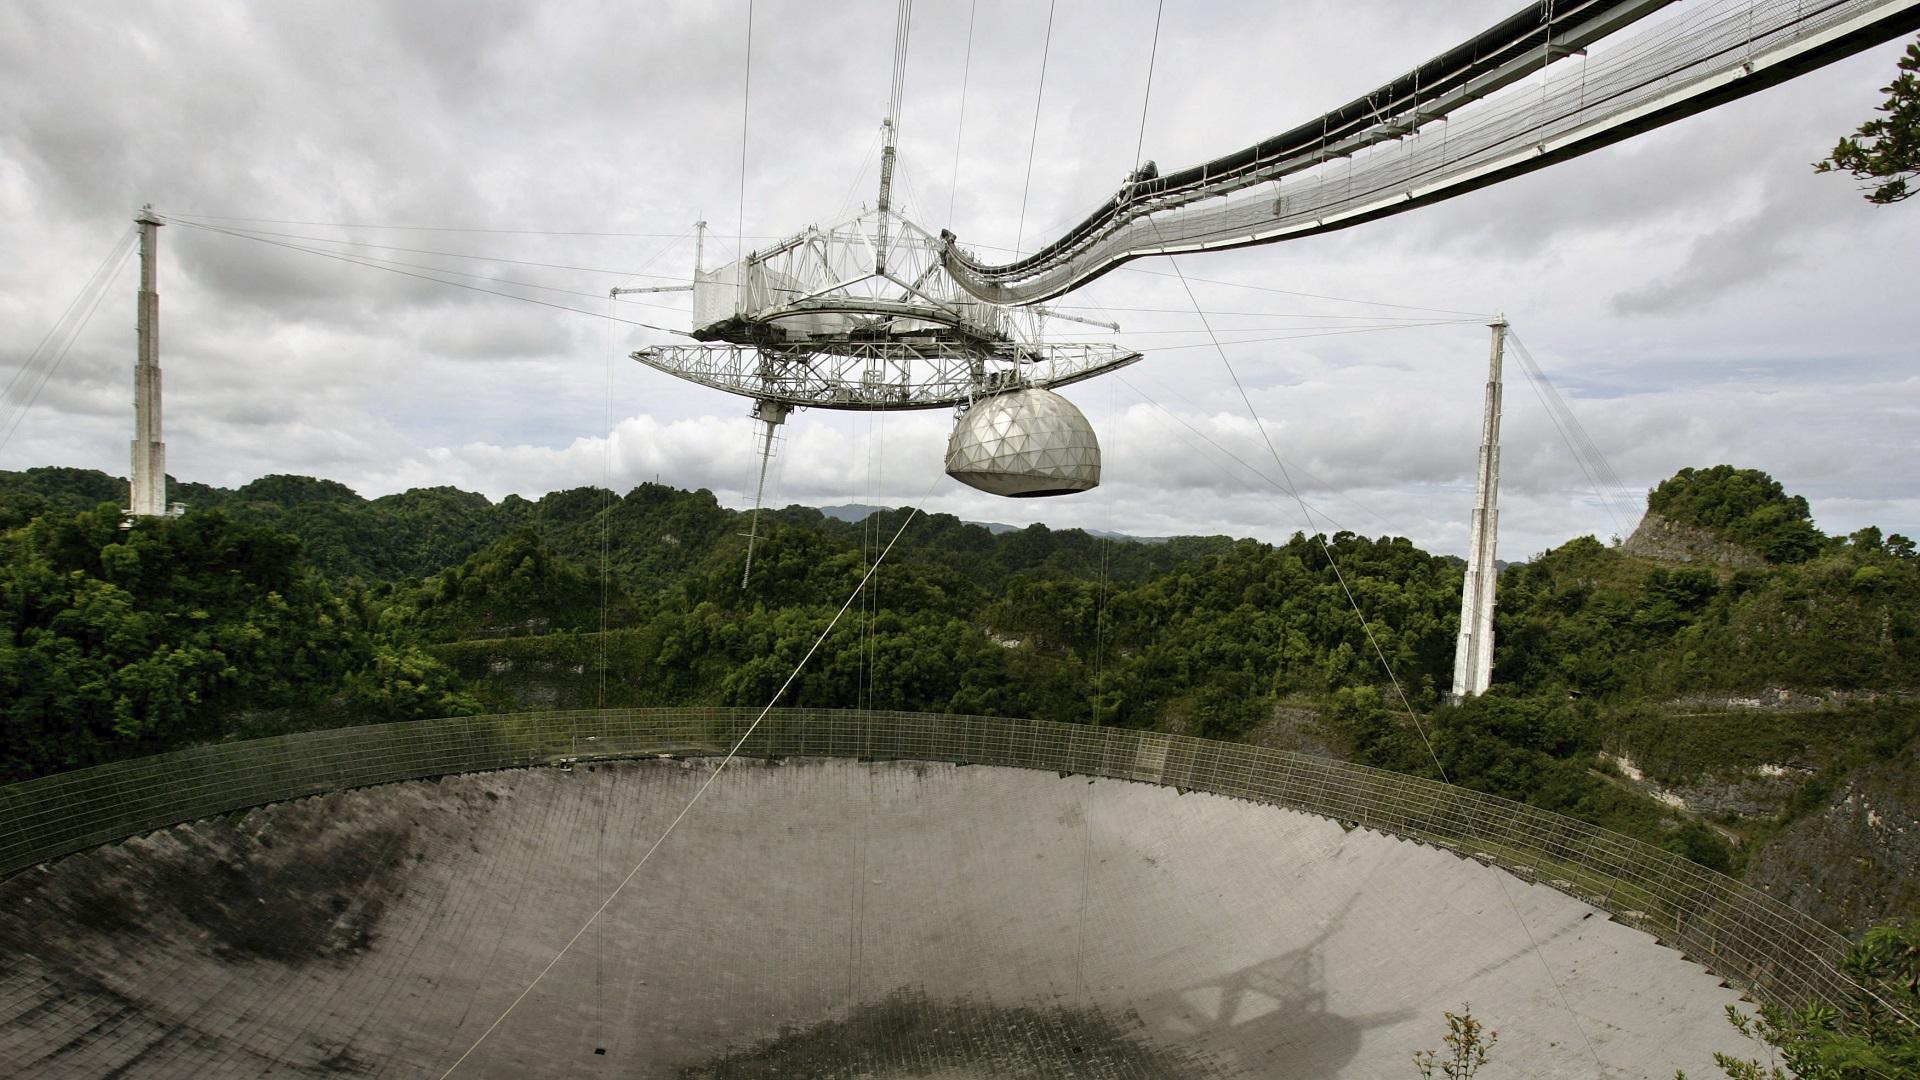 Una pérdida mundial Observatorio de Arecibo Puerto Rico colapsa por fallas estructurales